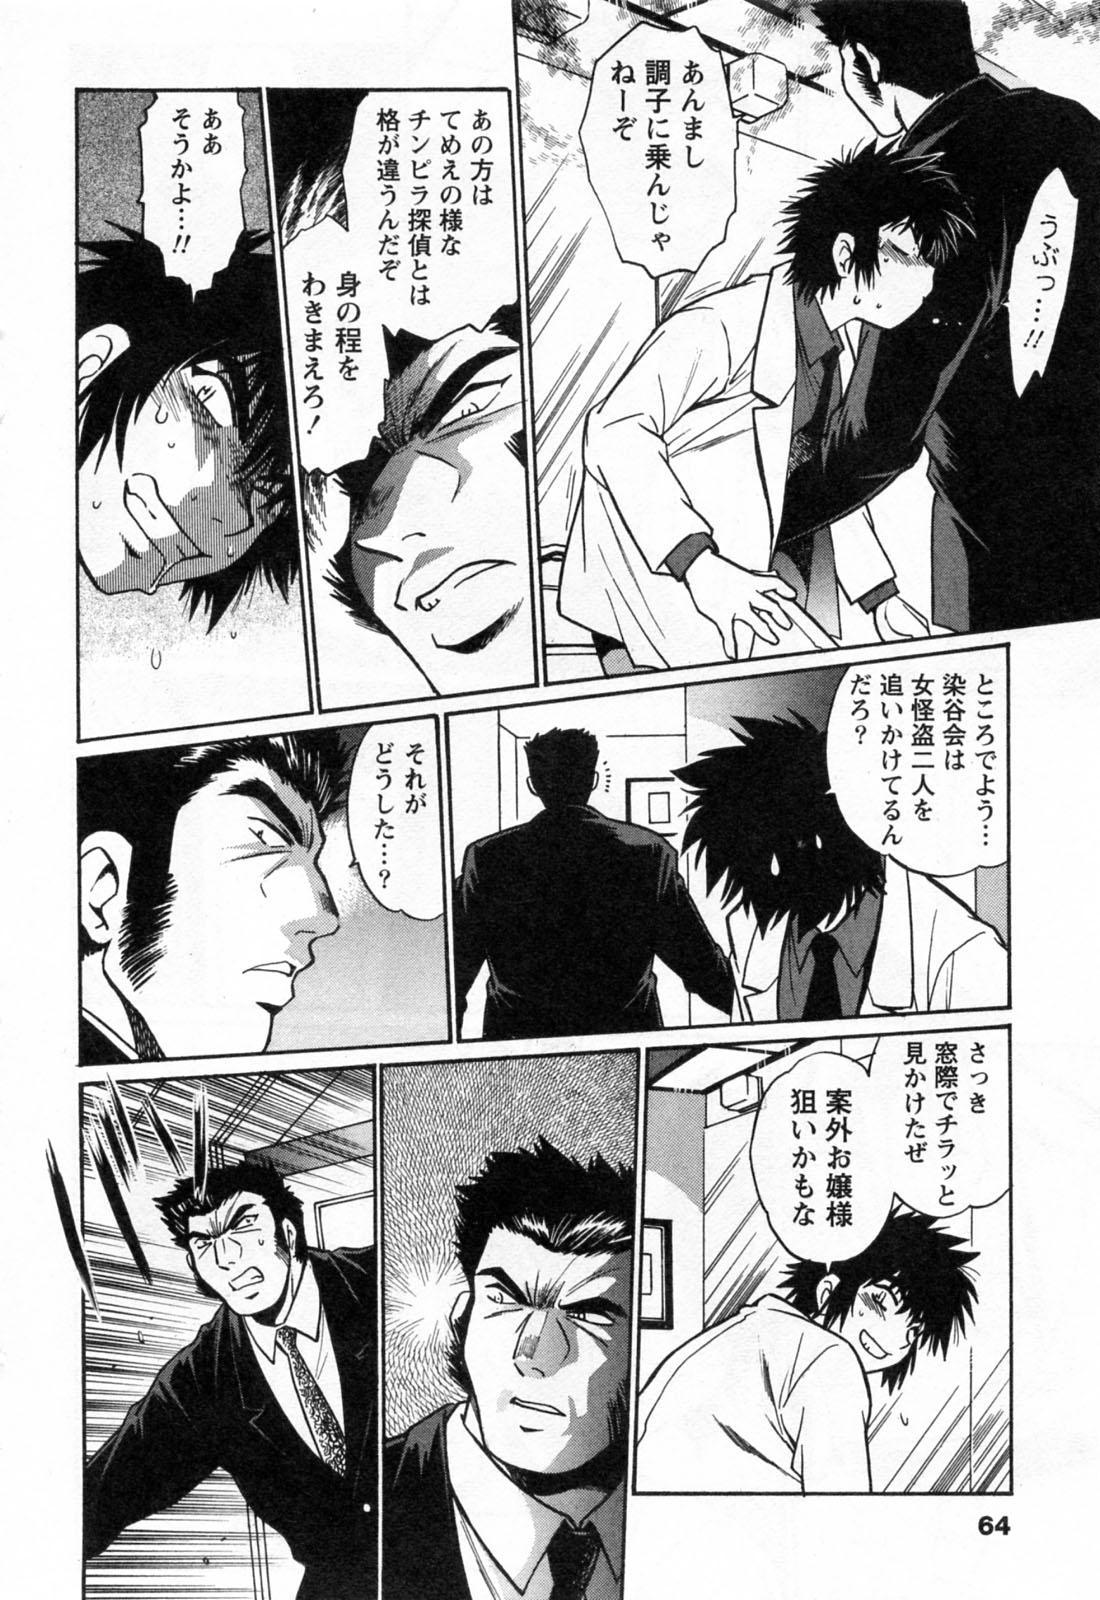 Makunouchi Deluxe 3 65